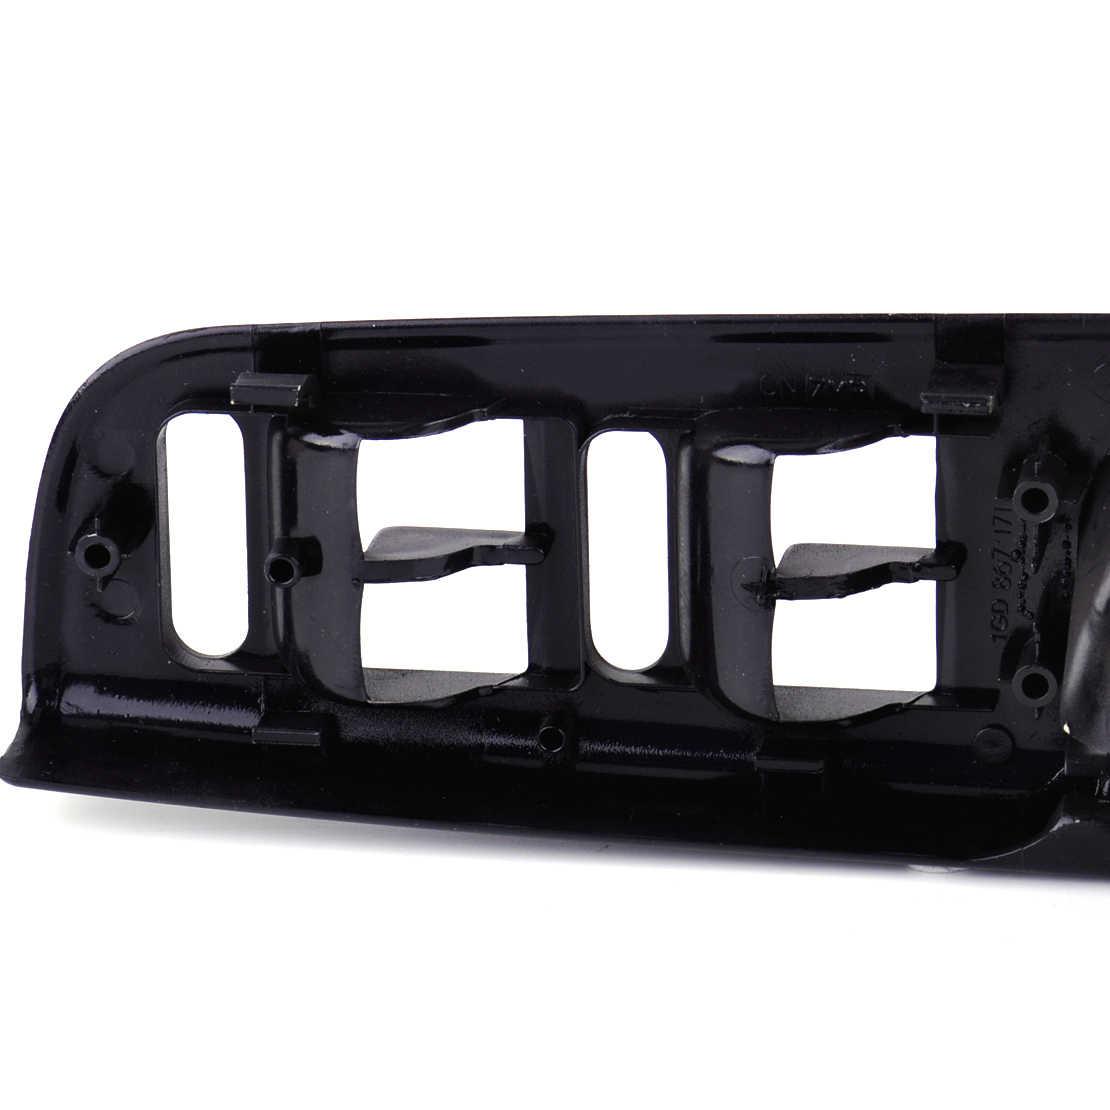 Beler новый автомобильный переключатель для межкомнатных дверей и окон панель управления ободок + накладка на дверные ручки для VW Passat Golf Jetta/Bora MK4 3B1 867 171 E